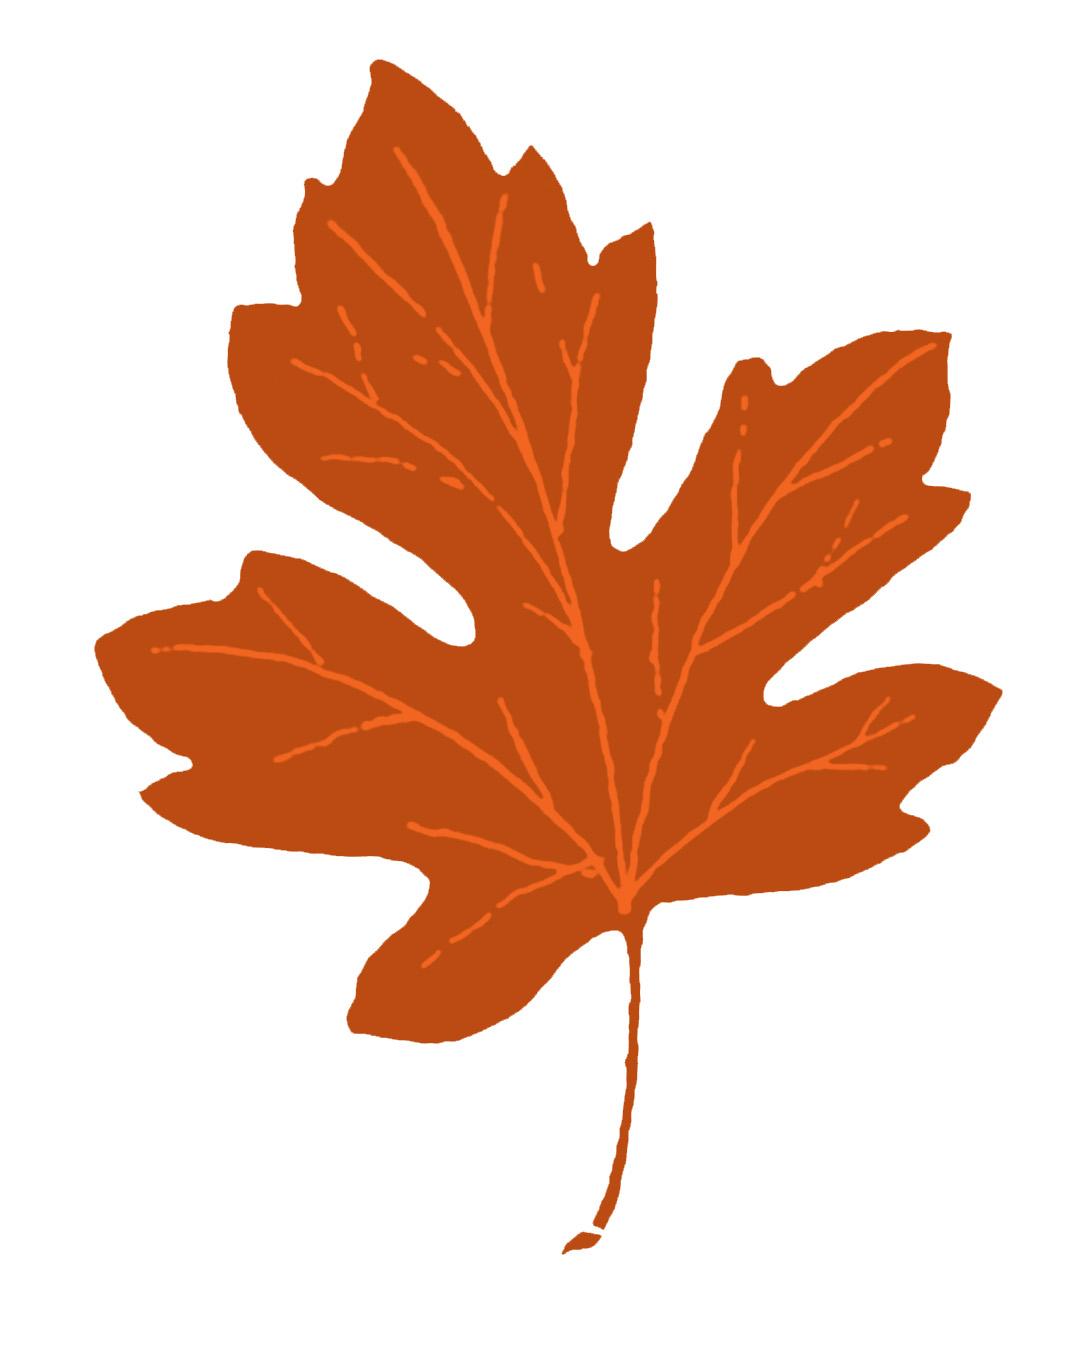 Vintage Fall Clip Art U2013 Maple Leaves-Vintage Fall Clip Art u2013 Maple Leaves-17